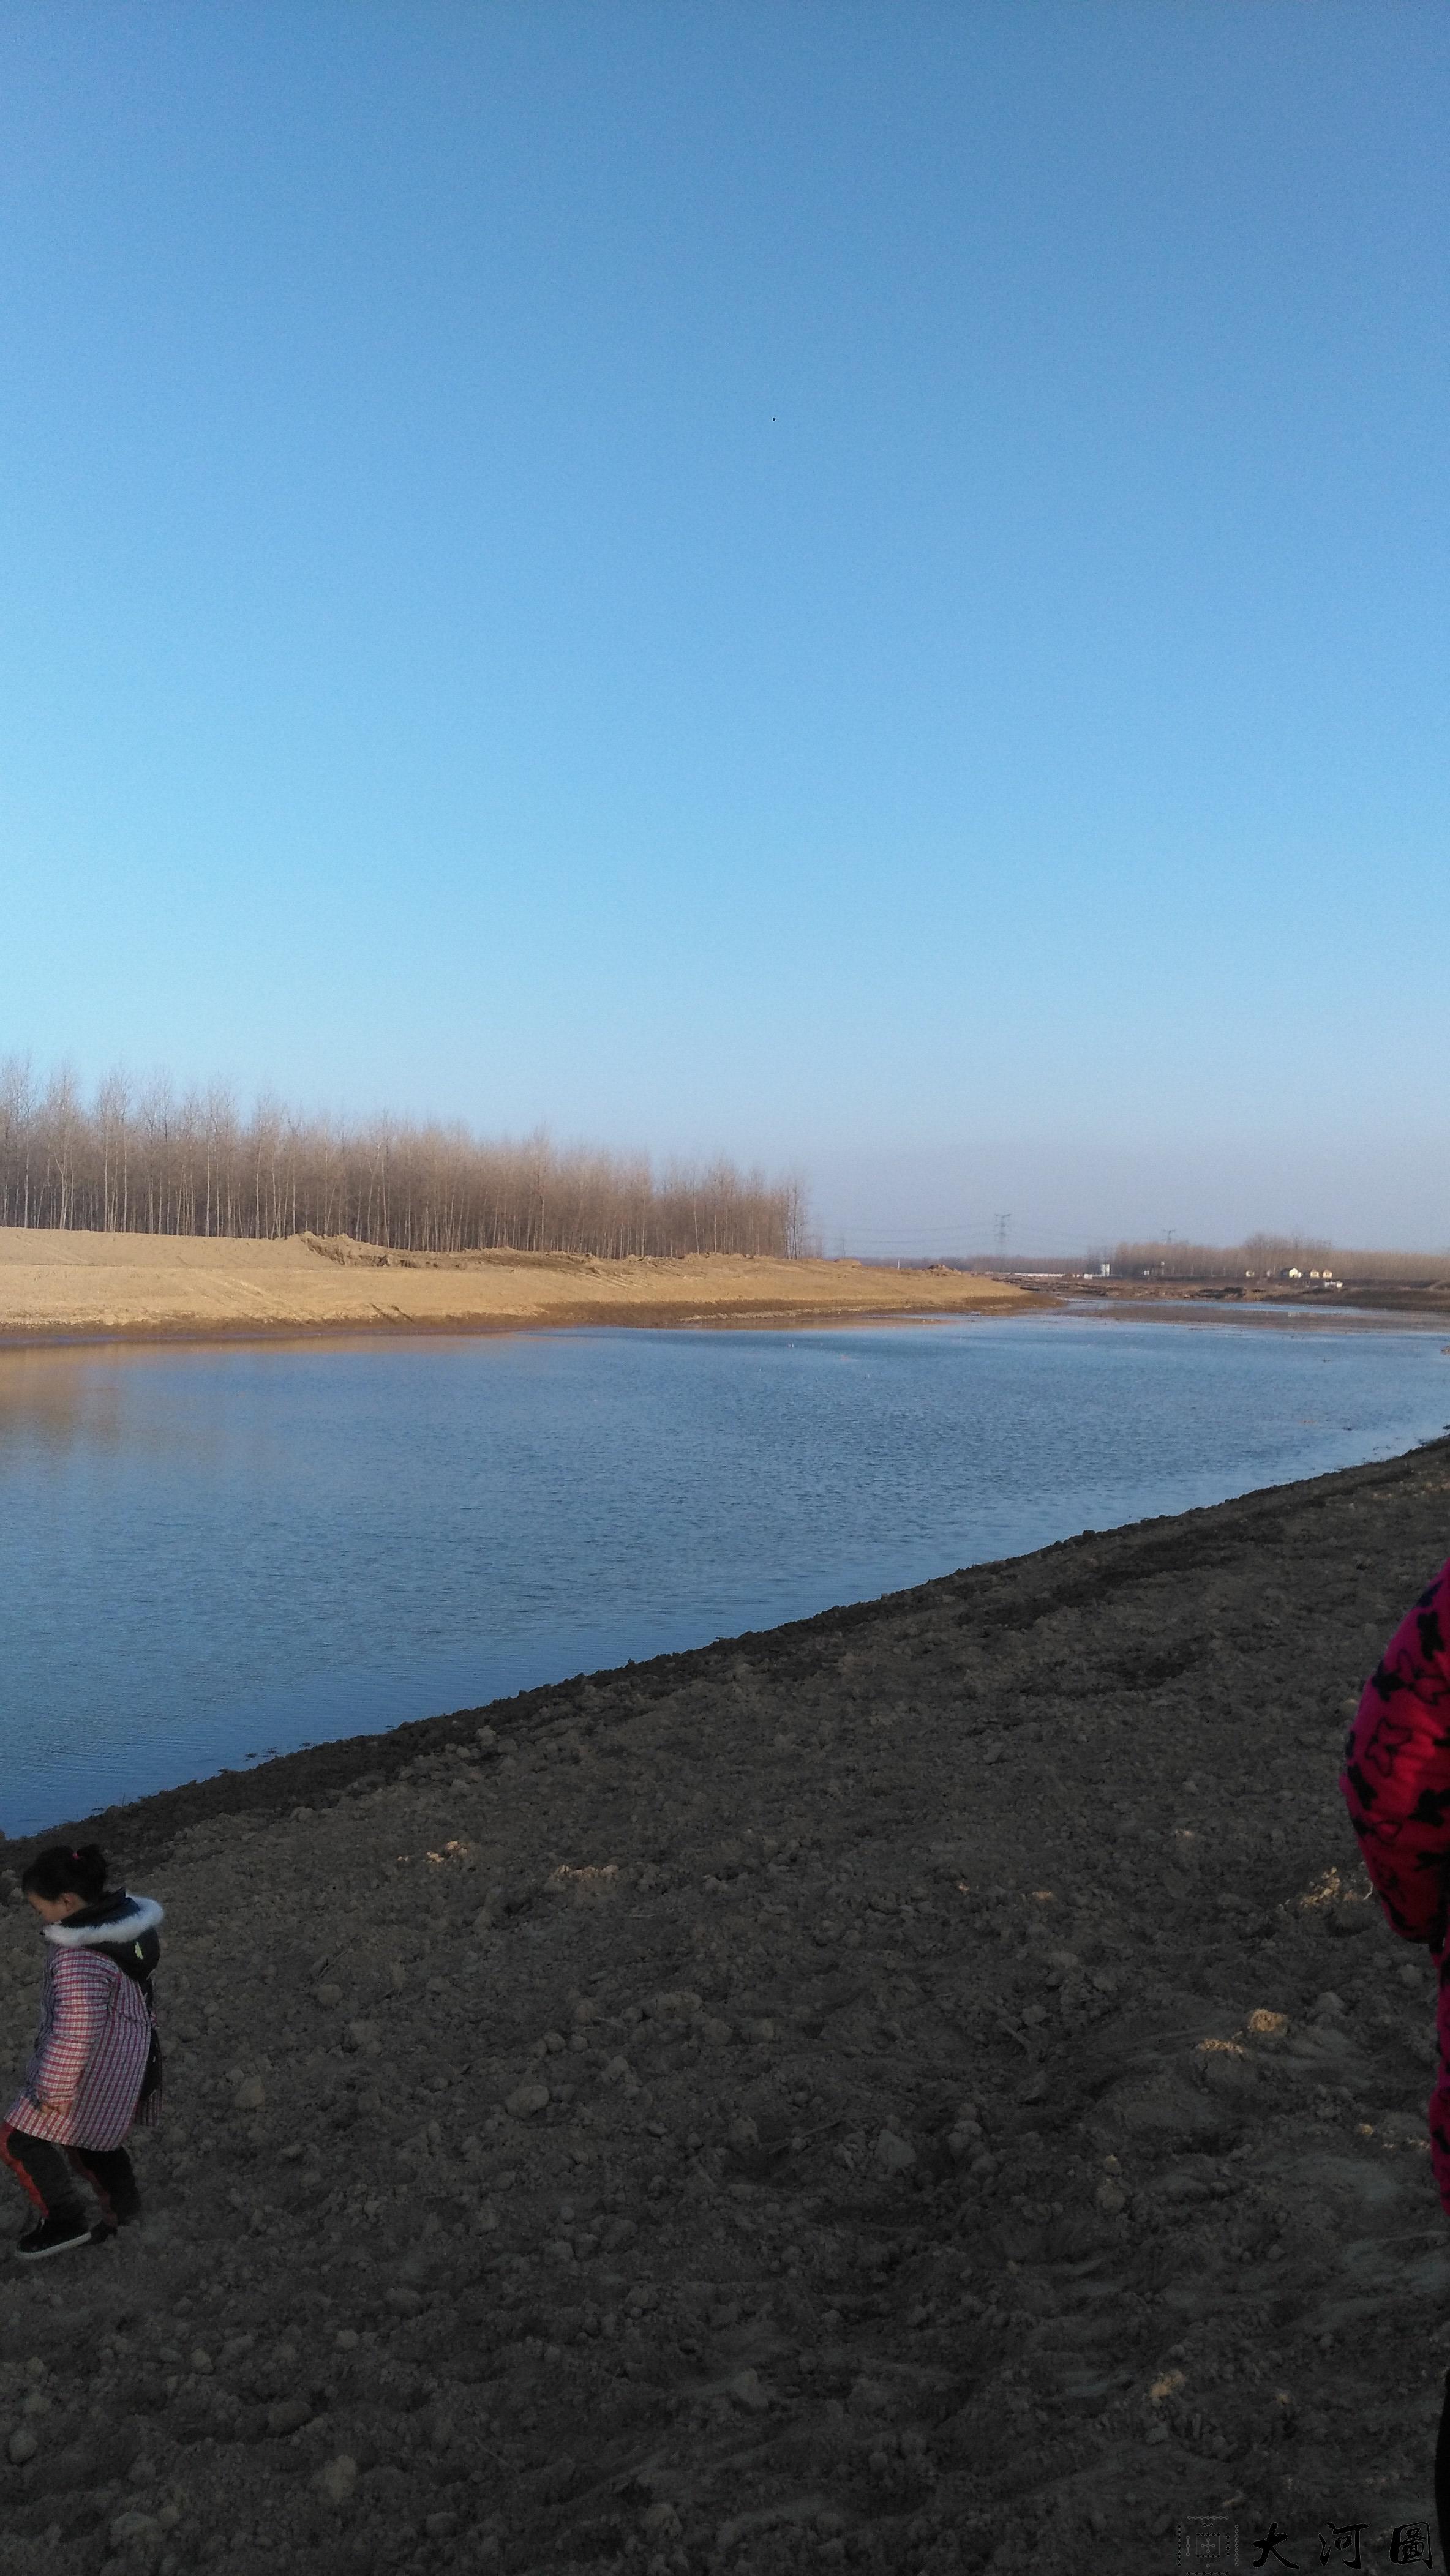 故黄河的冬天 凄美